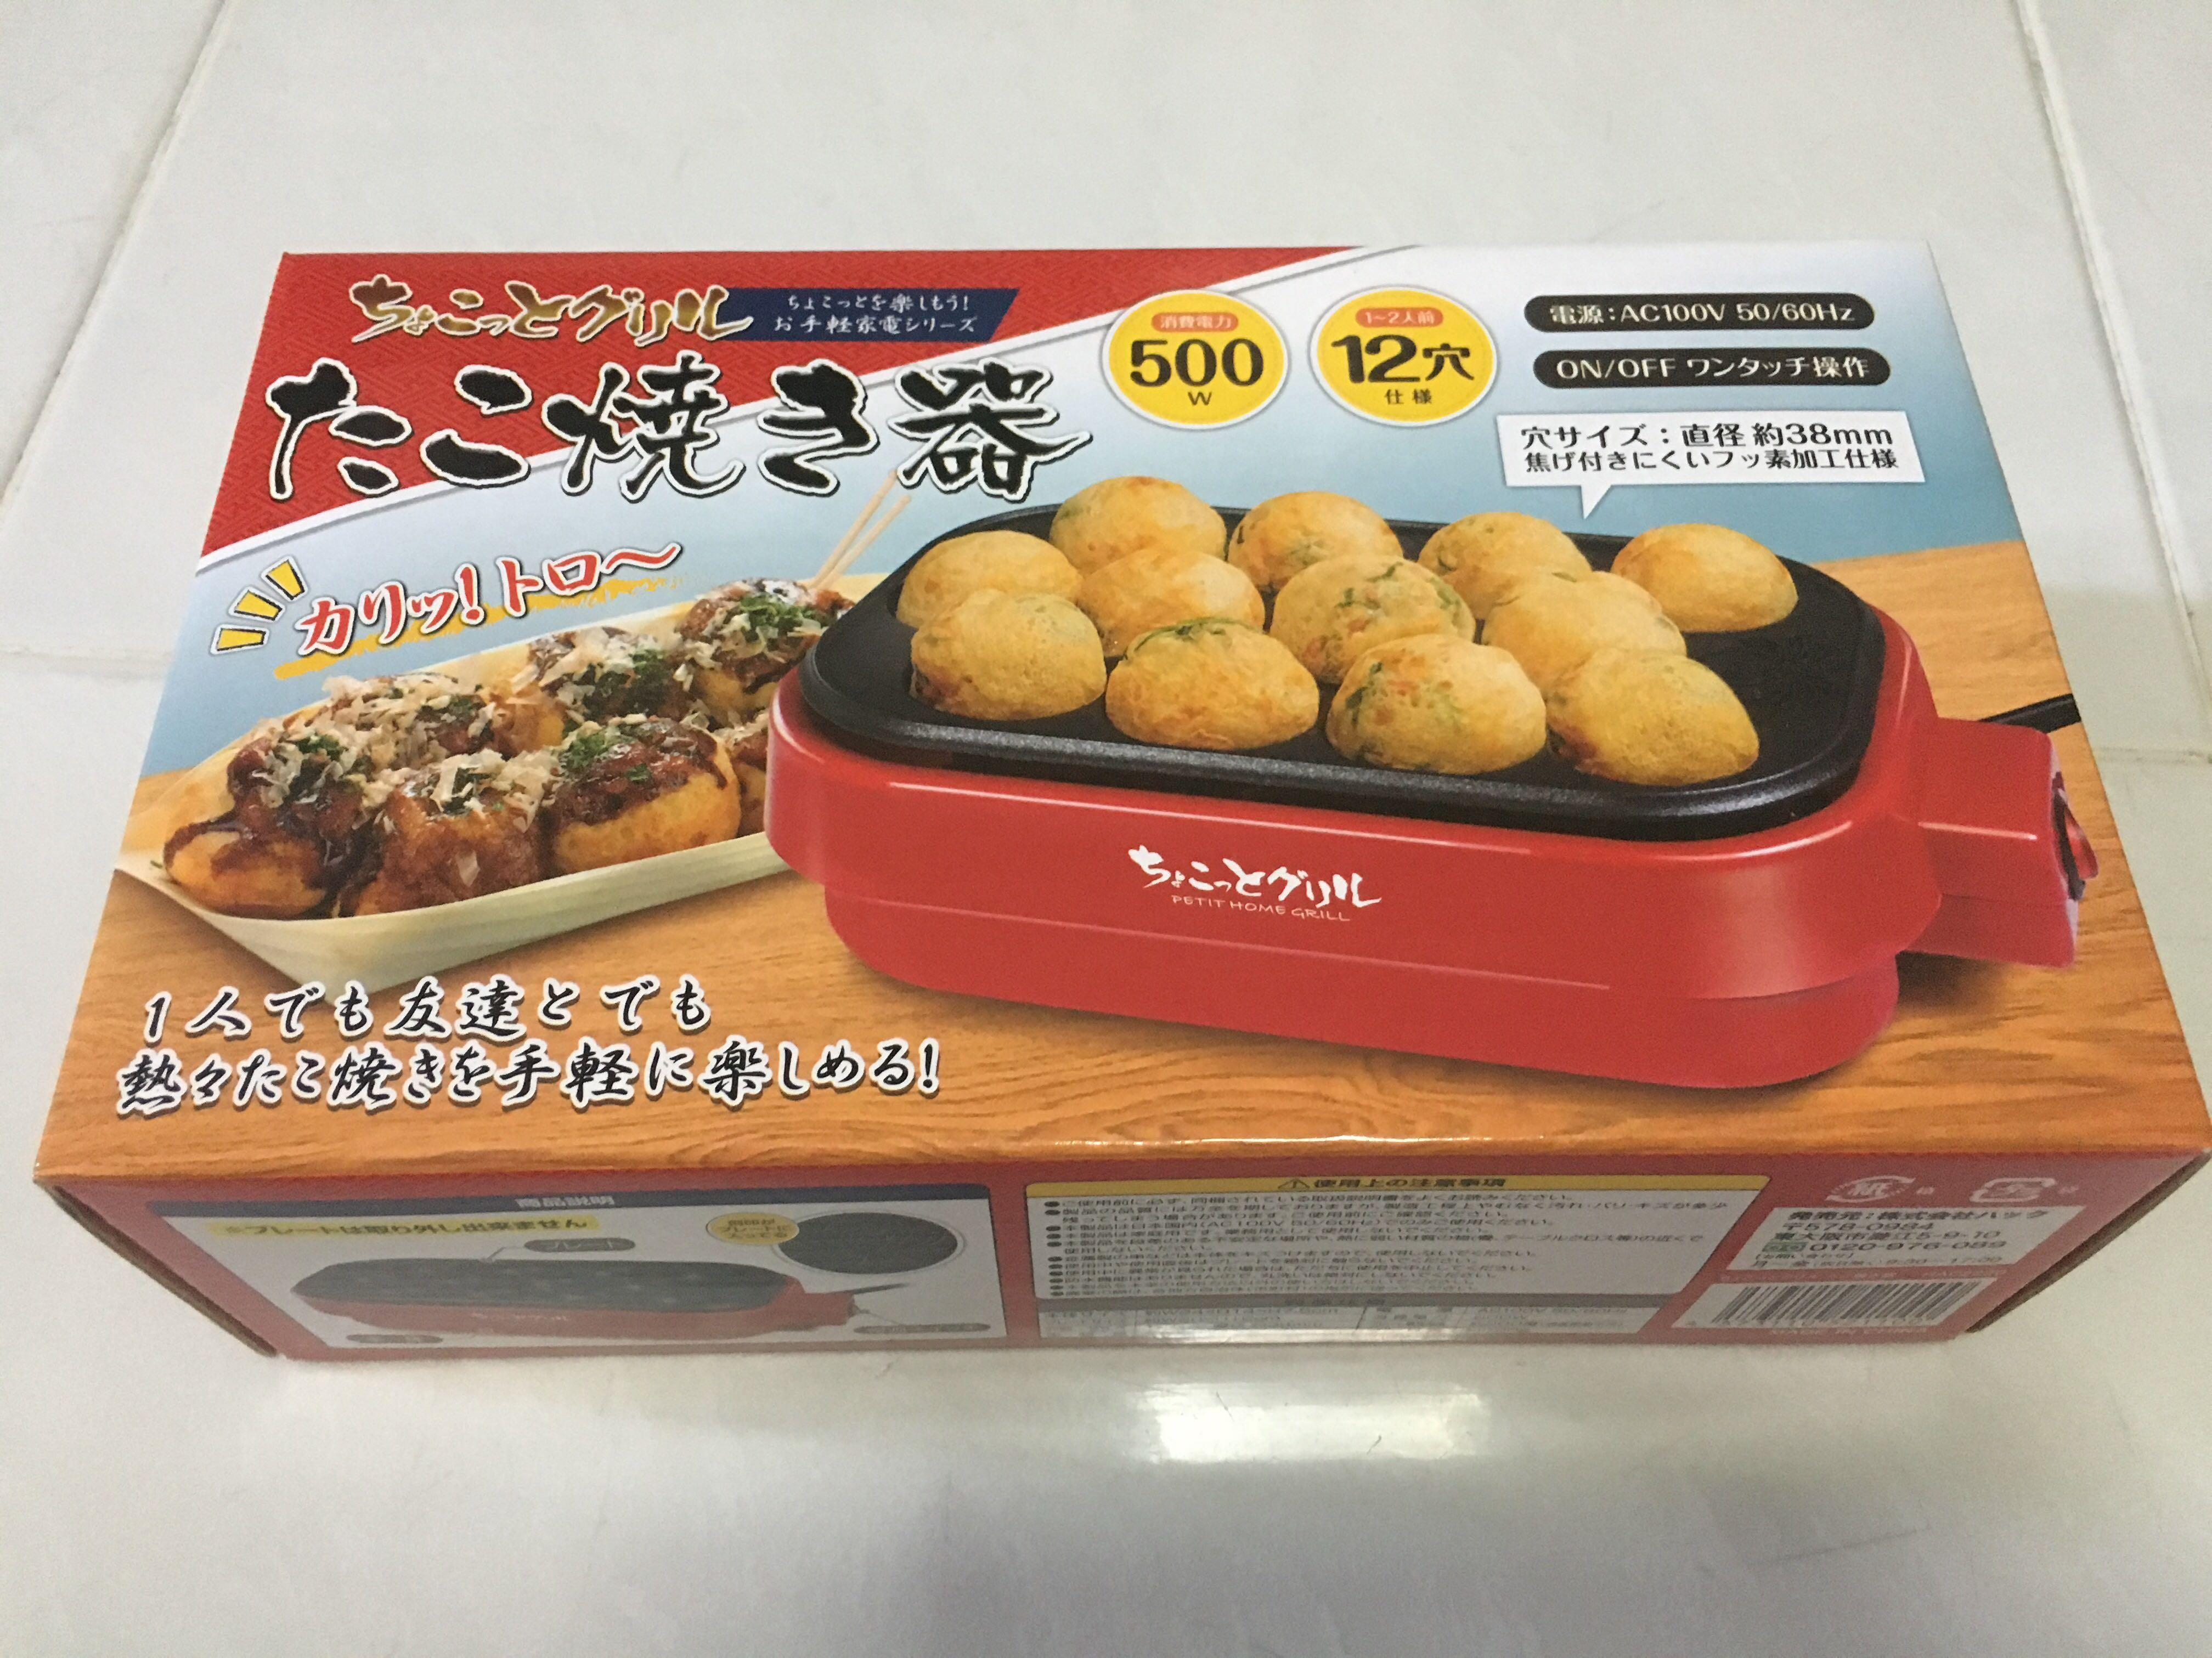 Takoyaki griller